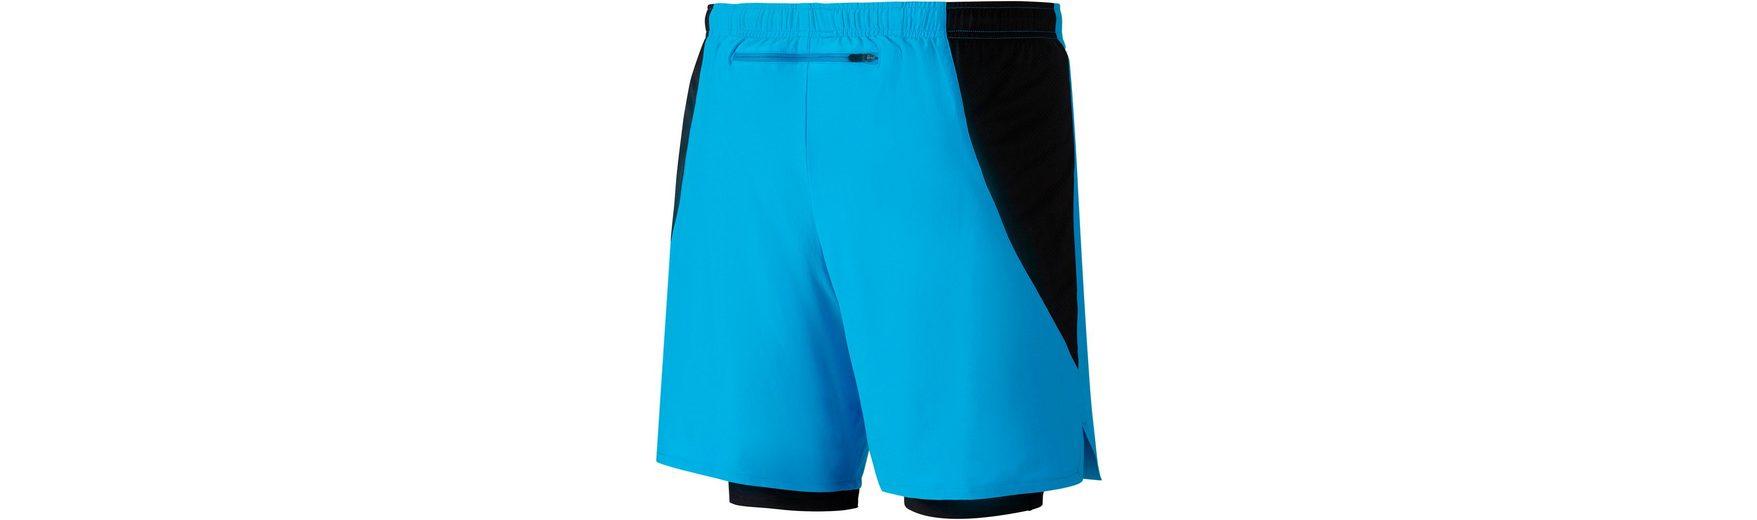 Footaction Günstiger Preis Günstig Kaufen Shop Mizuno Hose Alpha 7.5 2in1 Shorts Men Freies Verschiffen Billig wT8PW9Wi